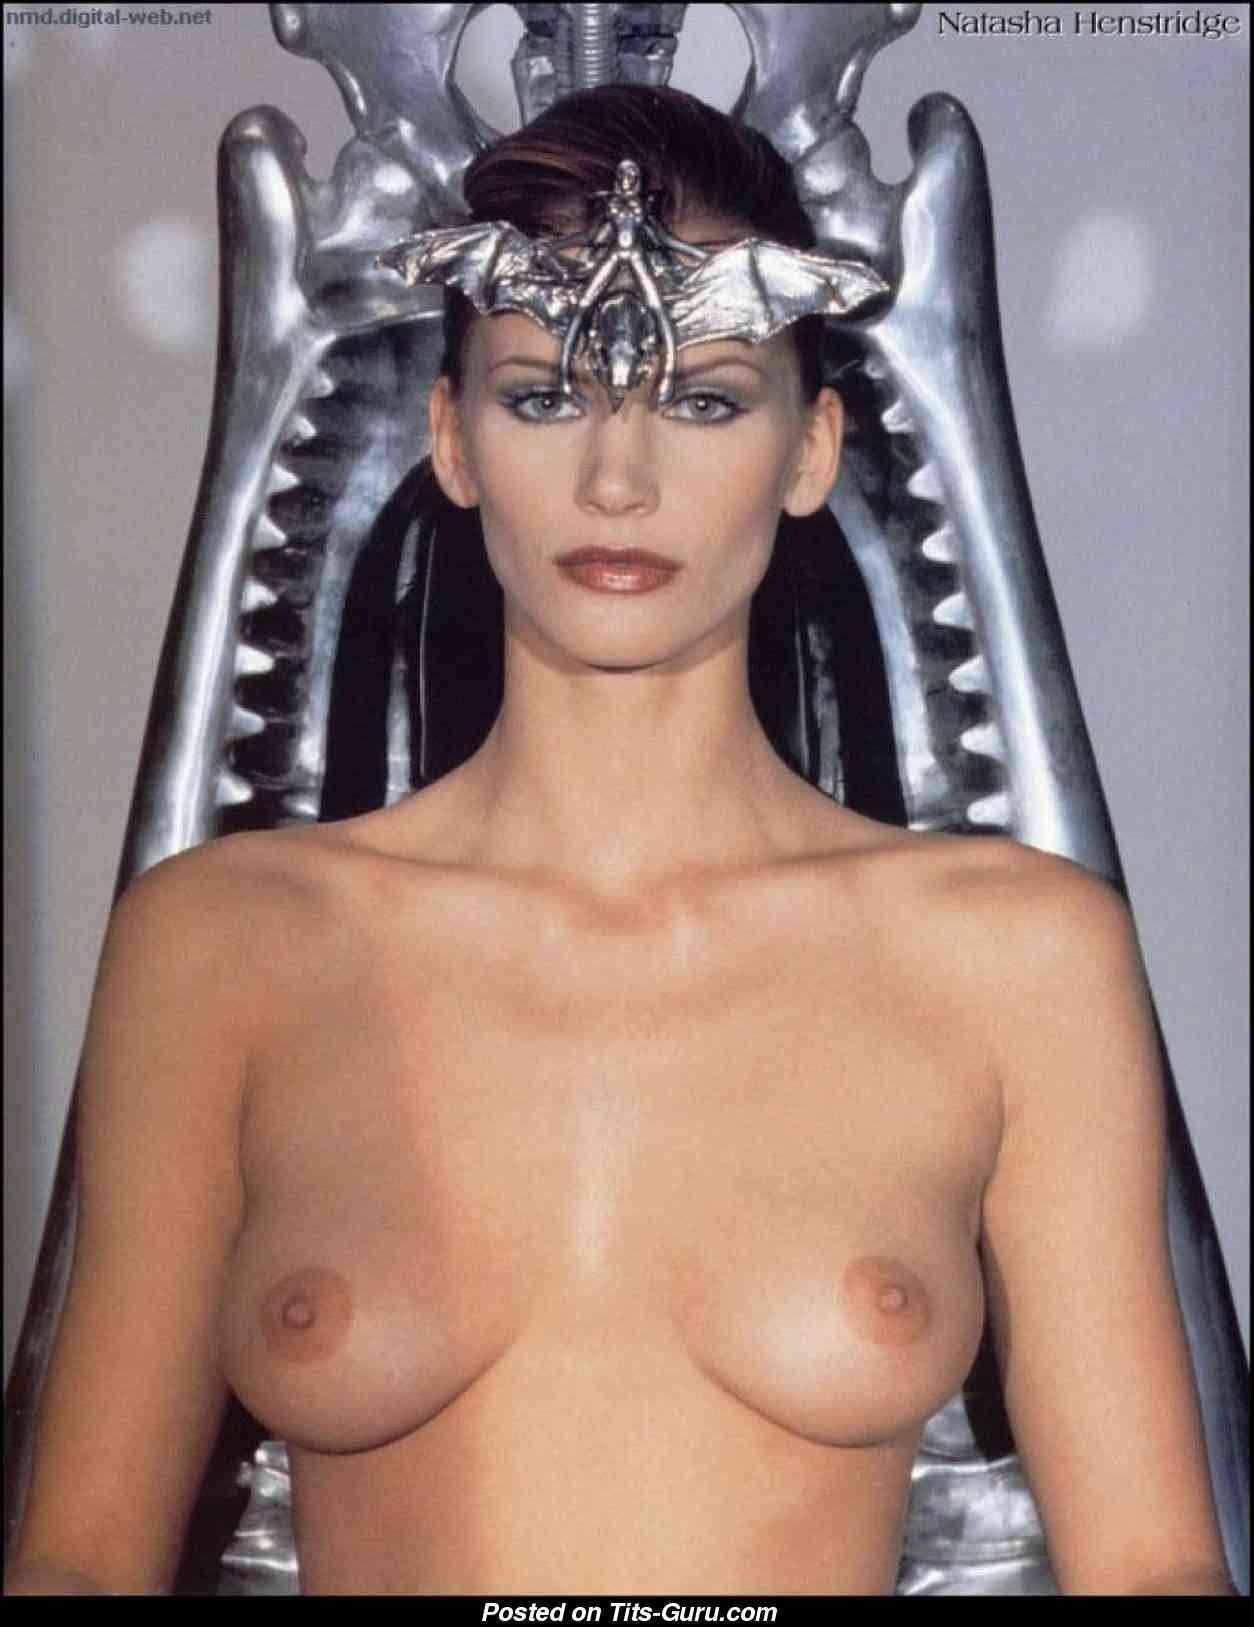 Natasha henstridge boobs in species ii scandalplanetcom - 1 part 4